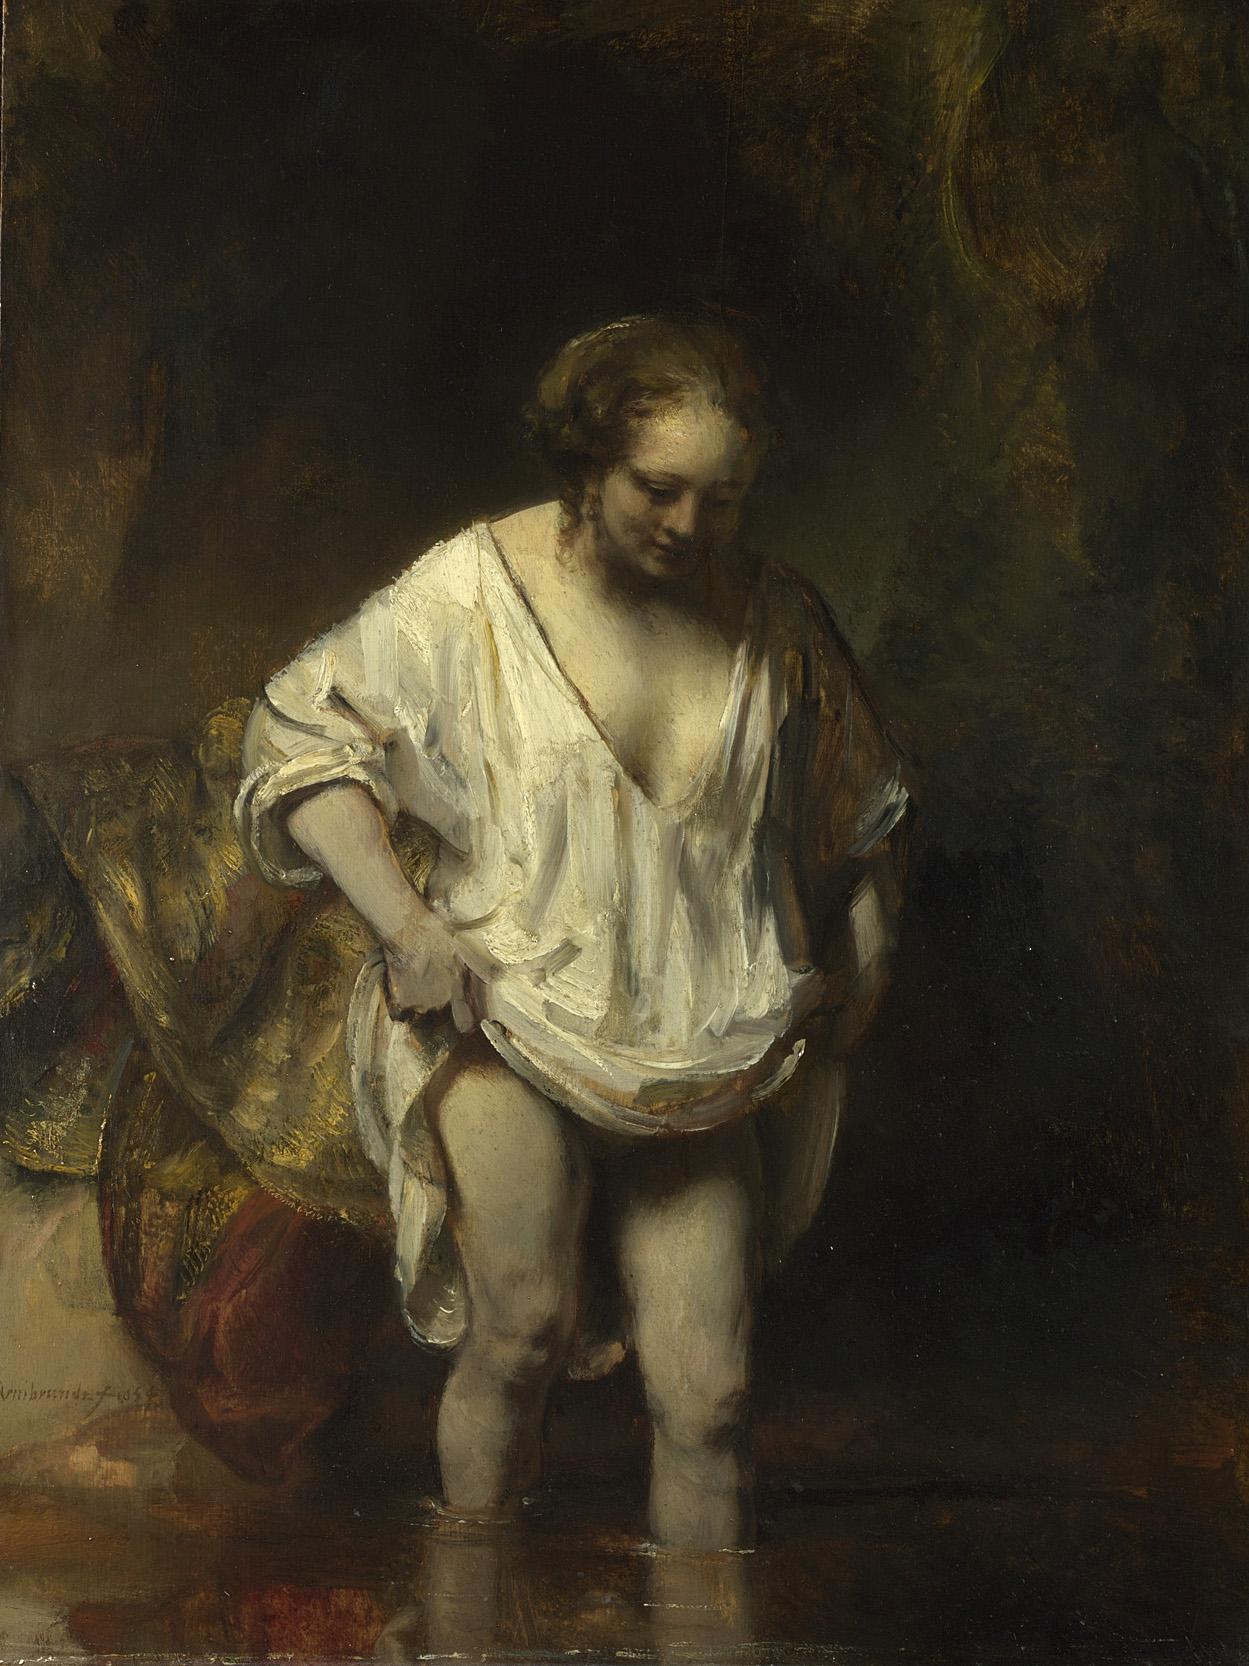 Femme se baignant dans une rivière, clair-obscur intime de Rembrandt (1654).